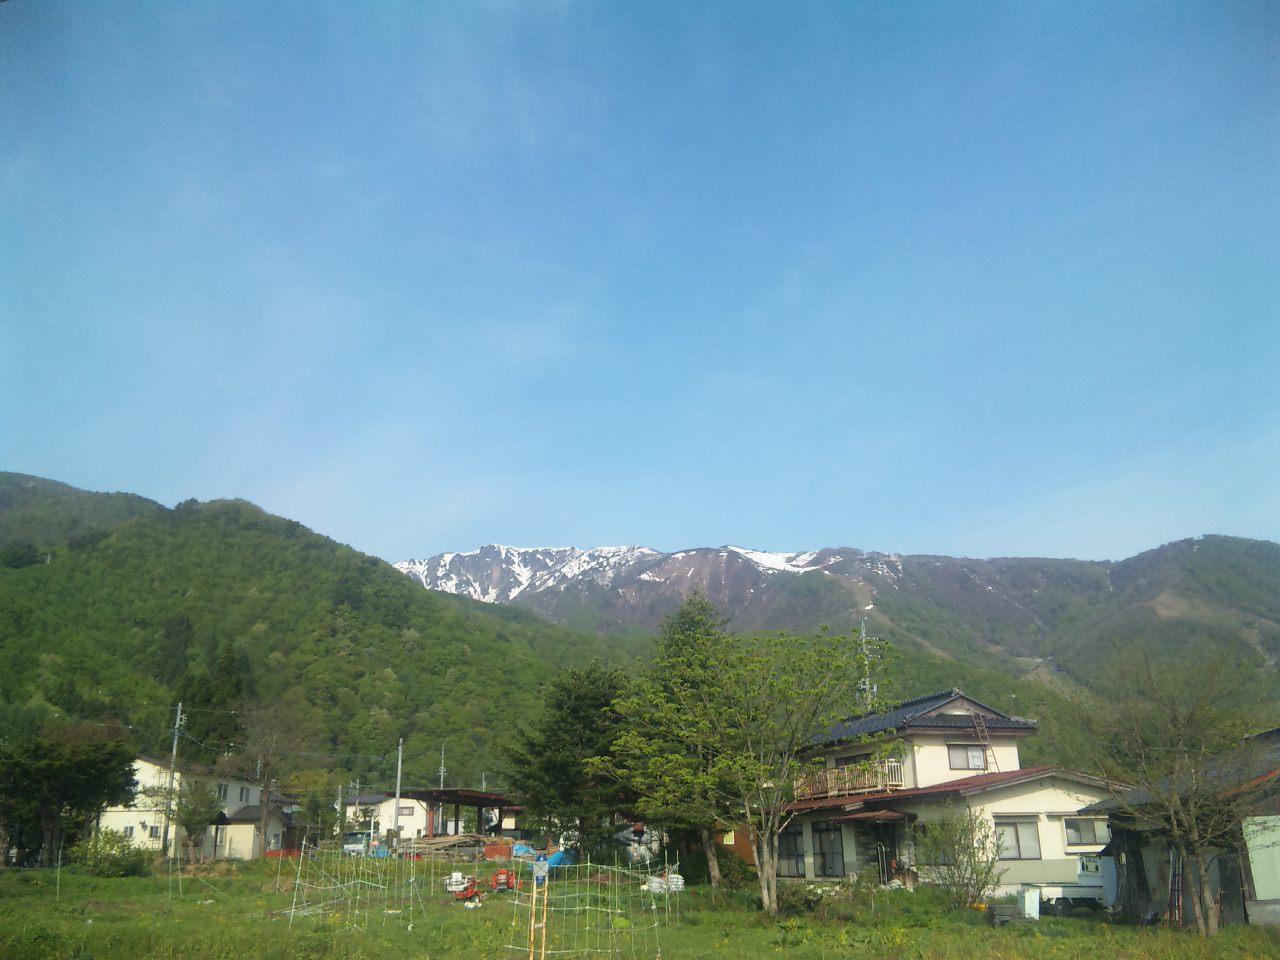 バスを待ちながら~信州・白馬の朝~_a0103940_7565826.jpg